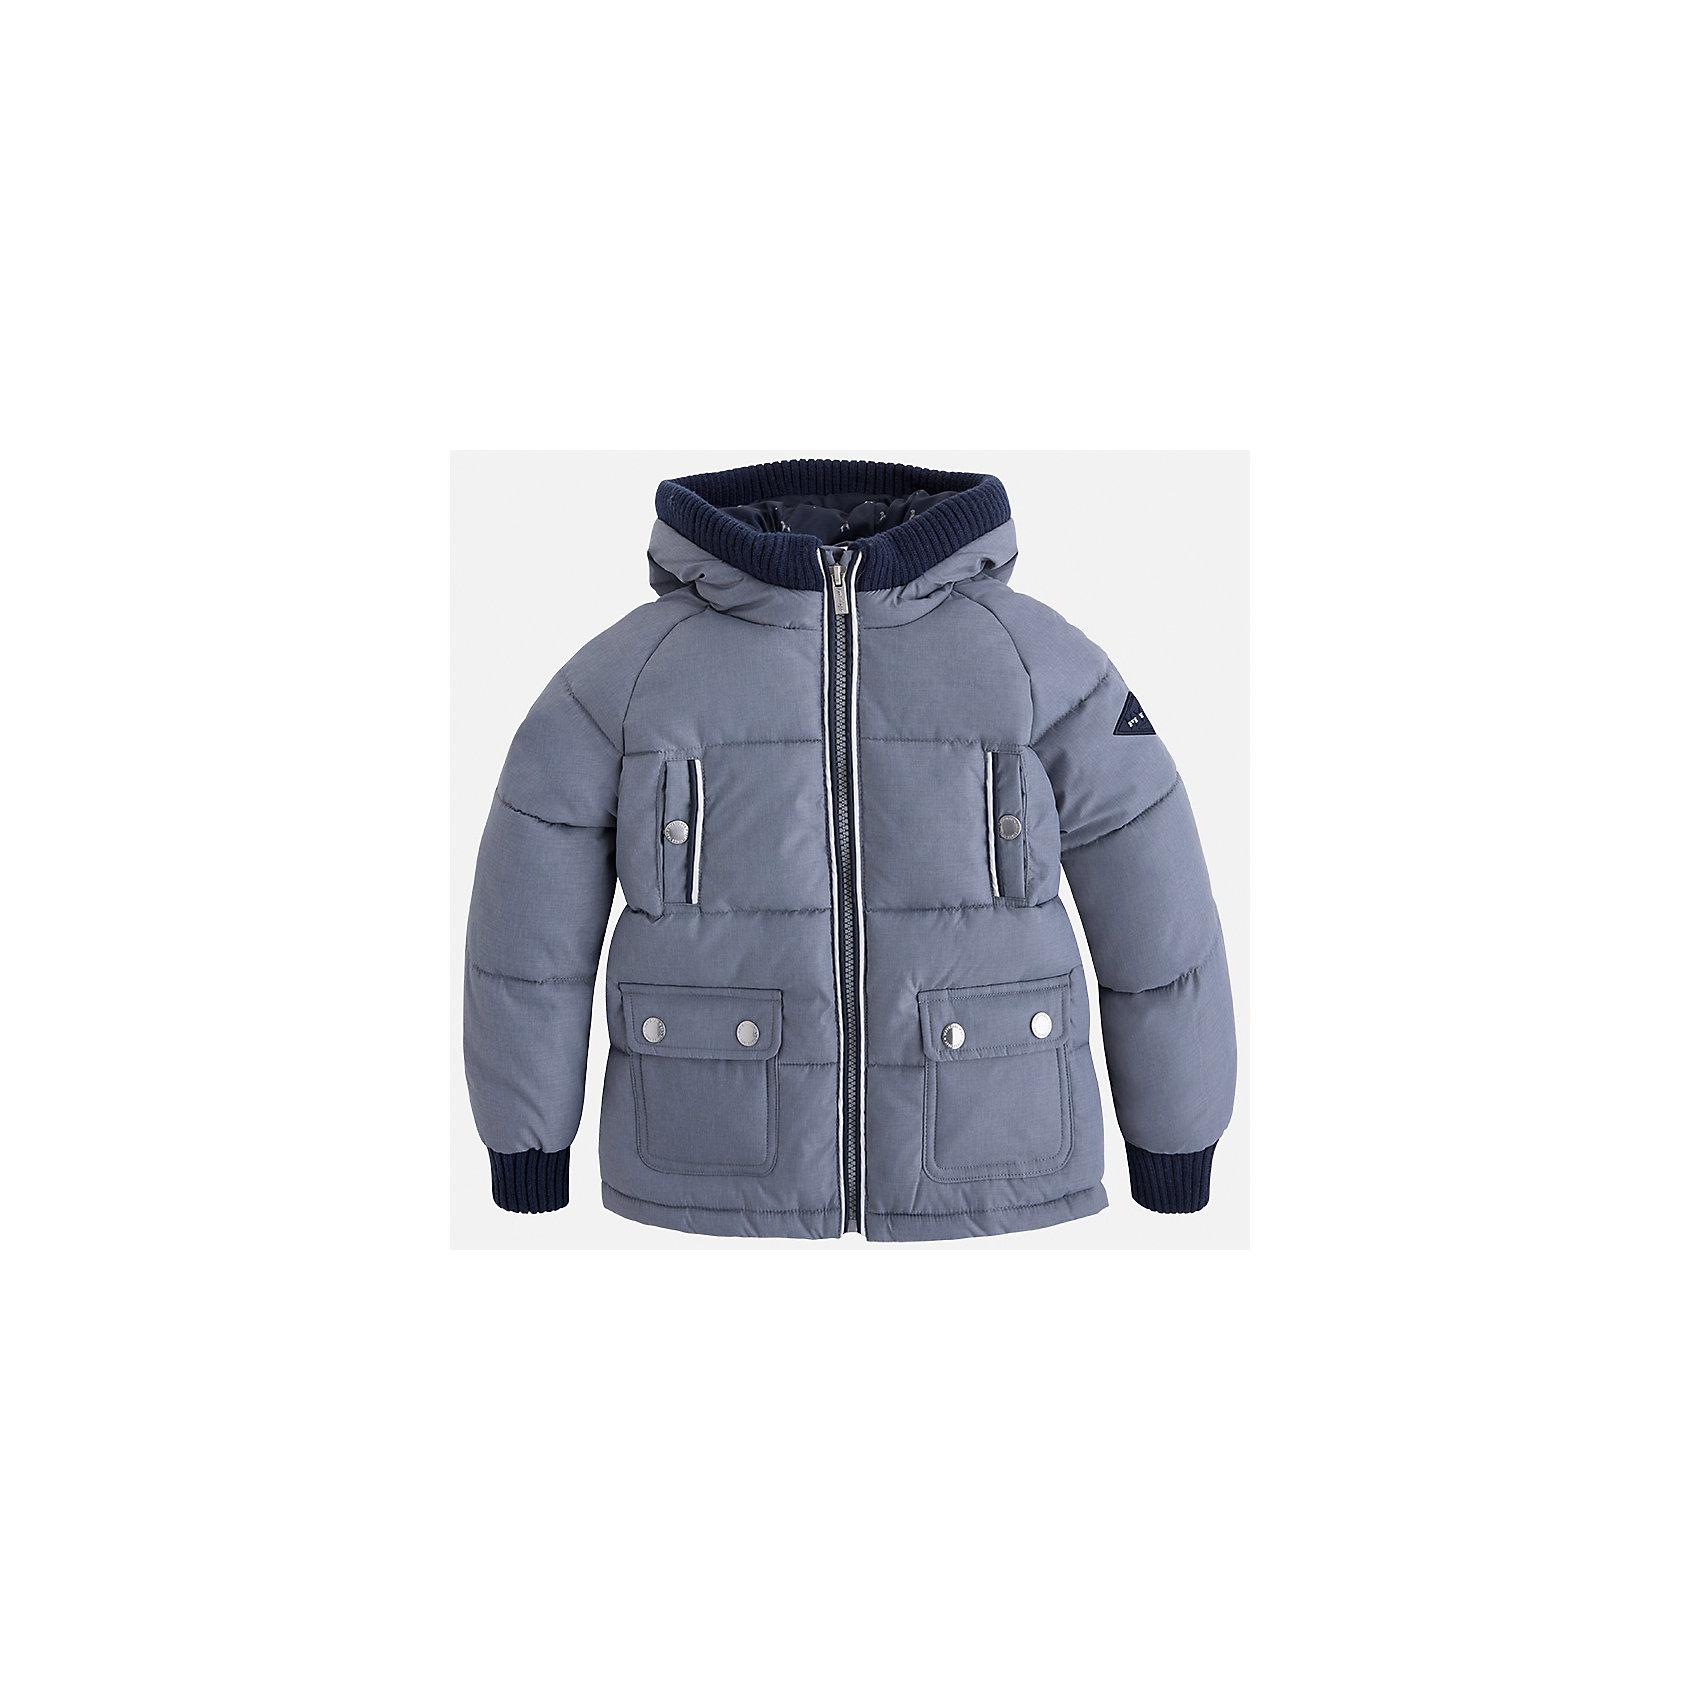 Куртка для мальчика MayoralДемисезонные куртки<br>Характеристики товара:<br><br>• цвет: серый<br>• состав ткани: 65% полиамид, 35% полиэстер<br>• подкладка: 100% полиэстер<br>• утеплитель: 100% полиэстер<br>• сезон: демисезон<br>• температурный режим: от -10 до +10<br>• особенности куртки: дутая, с капюшоном<br>• капюшон: несъемный<br>• застежка: молния<br>• страна бренда: Испания<br>• страна изготовитель: Индия<br><br>Теплая демисезонная детская куртка подойдет для переменной погоды. Отличный способ обеспечить ребенку тепло и комфорт - надеть теплую куртку от Mayoral. Детская куртка сшита из приятного на ощупь материала. Куртка для мальчика Mayoral дополнена теплой подкладкой. <br><br>Куртку для мальчика Mayoral (Майорал) можно купить в нашем интернет-магазине.<br><br>Ширина мм: 356<br>Глубина мм: 10<br>Высота мм: 245<br>Вес г: 519<br>Цвет: серый<br>Возраст от месяцев: 96<br>Возраст до месяцев: 108<br>Пол: Мужской<br>Возраст: Детский<br>Размер: 134,92,98,104,110,116,122,128<br>SKU: 6934580